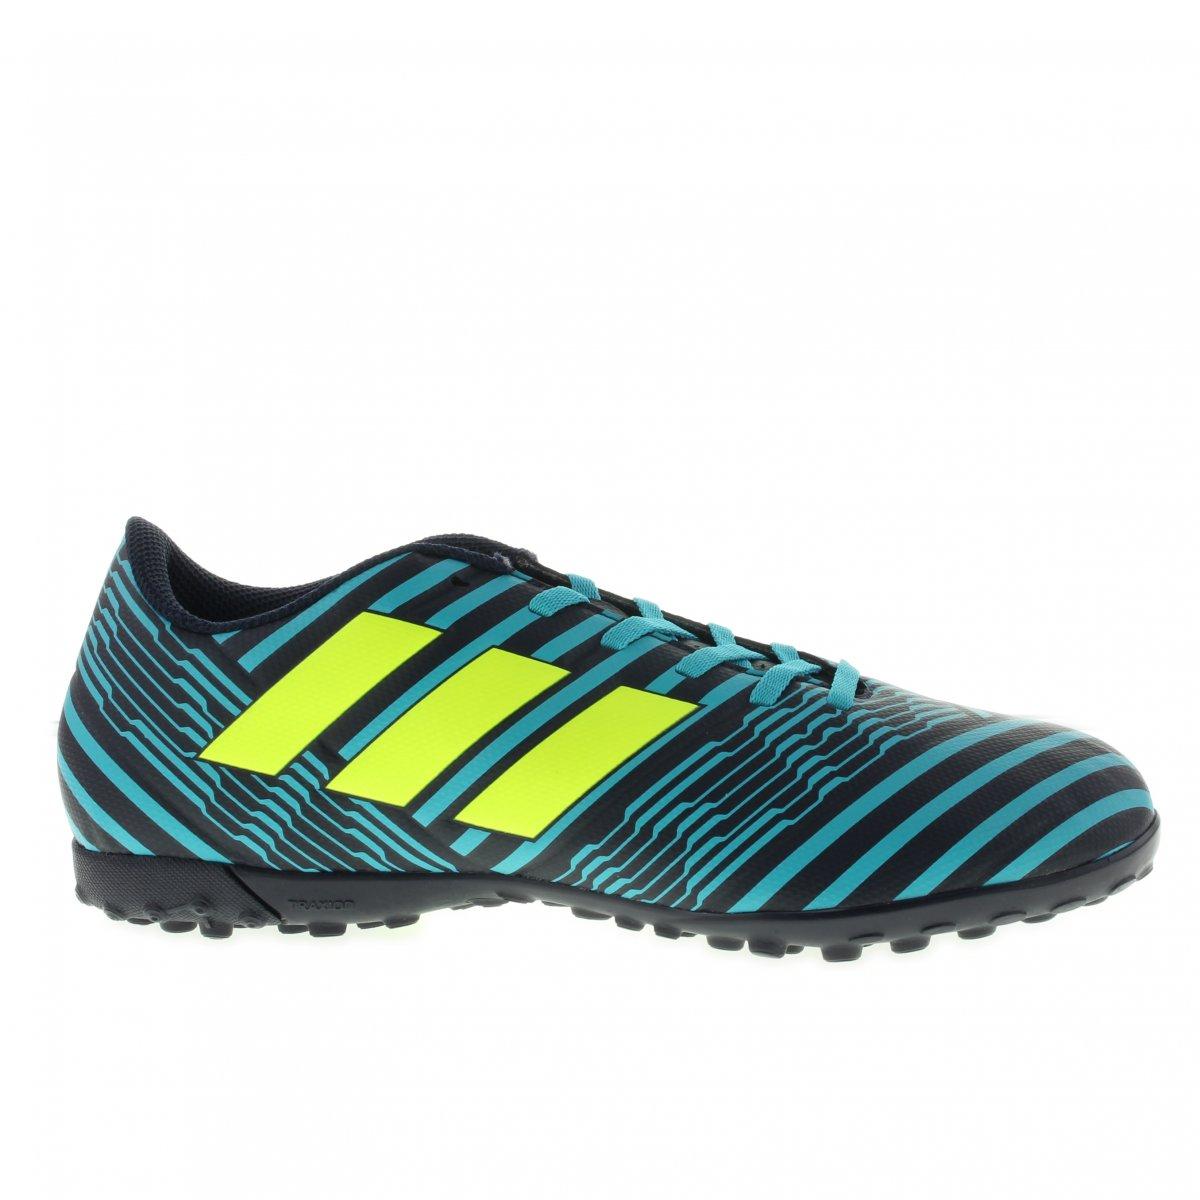 cd4bc2d7a1 Society Adidas Nemeziz 17.4 tf